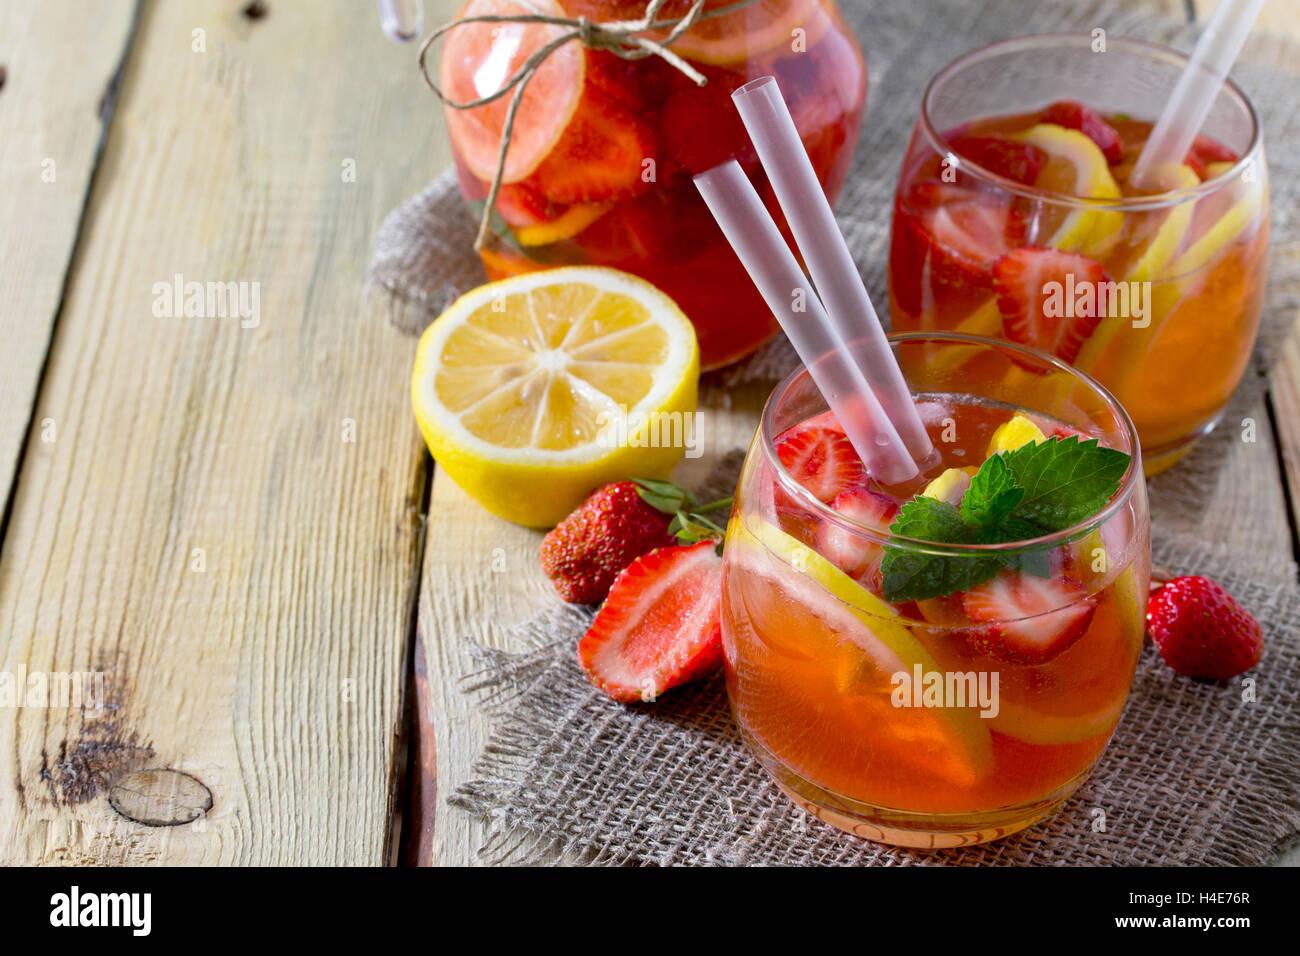 De l'été Tradition verre avec mojito citron et menthe avec copie espace dans un style rustique. Photo Stock